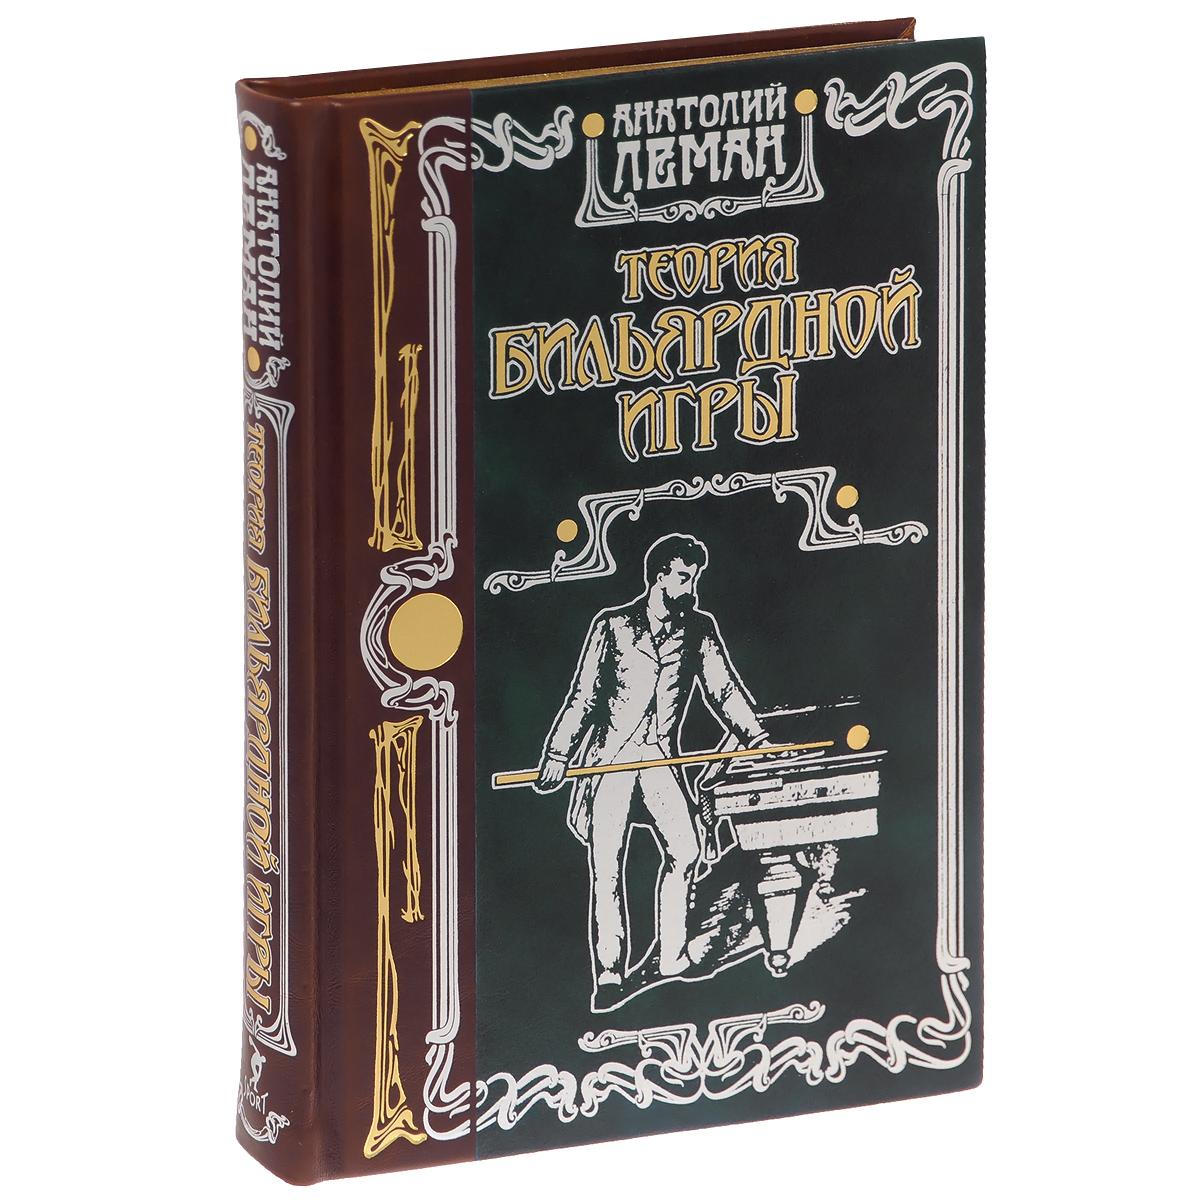 Теория бильярдной игры (эксклюзивное подарочное издание) ( 978-5-9906578-8-5 )